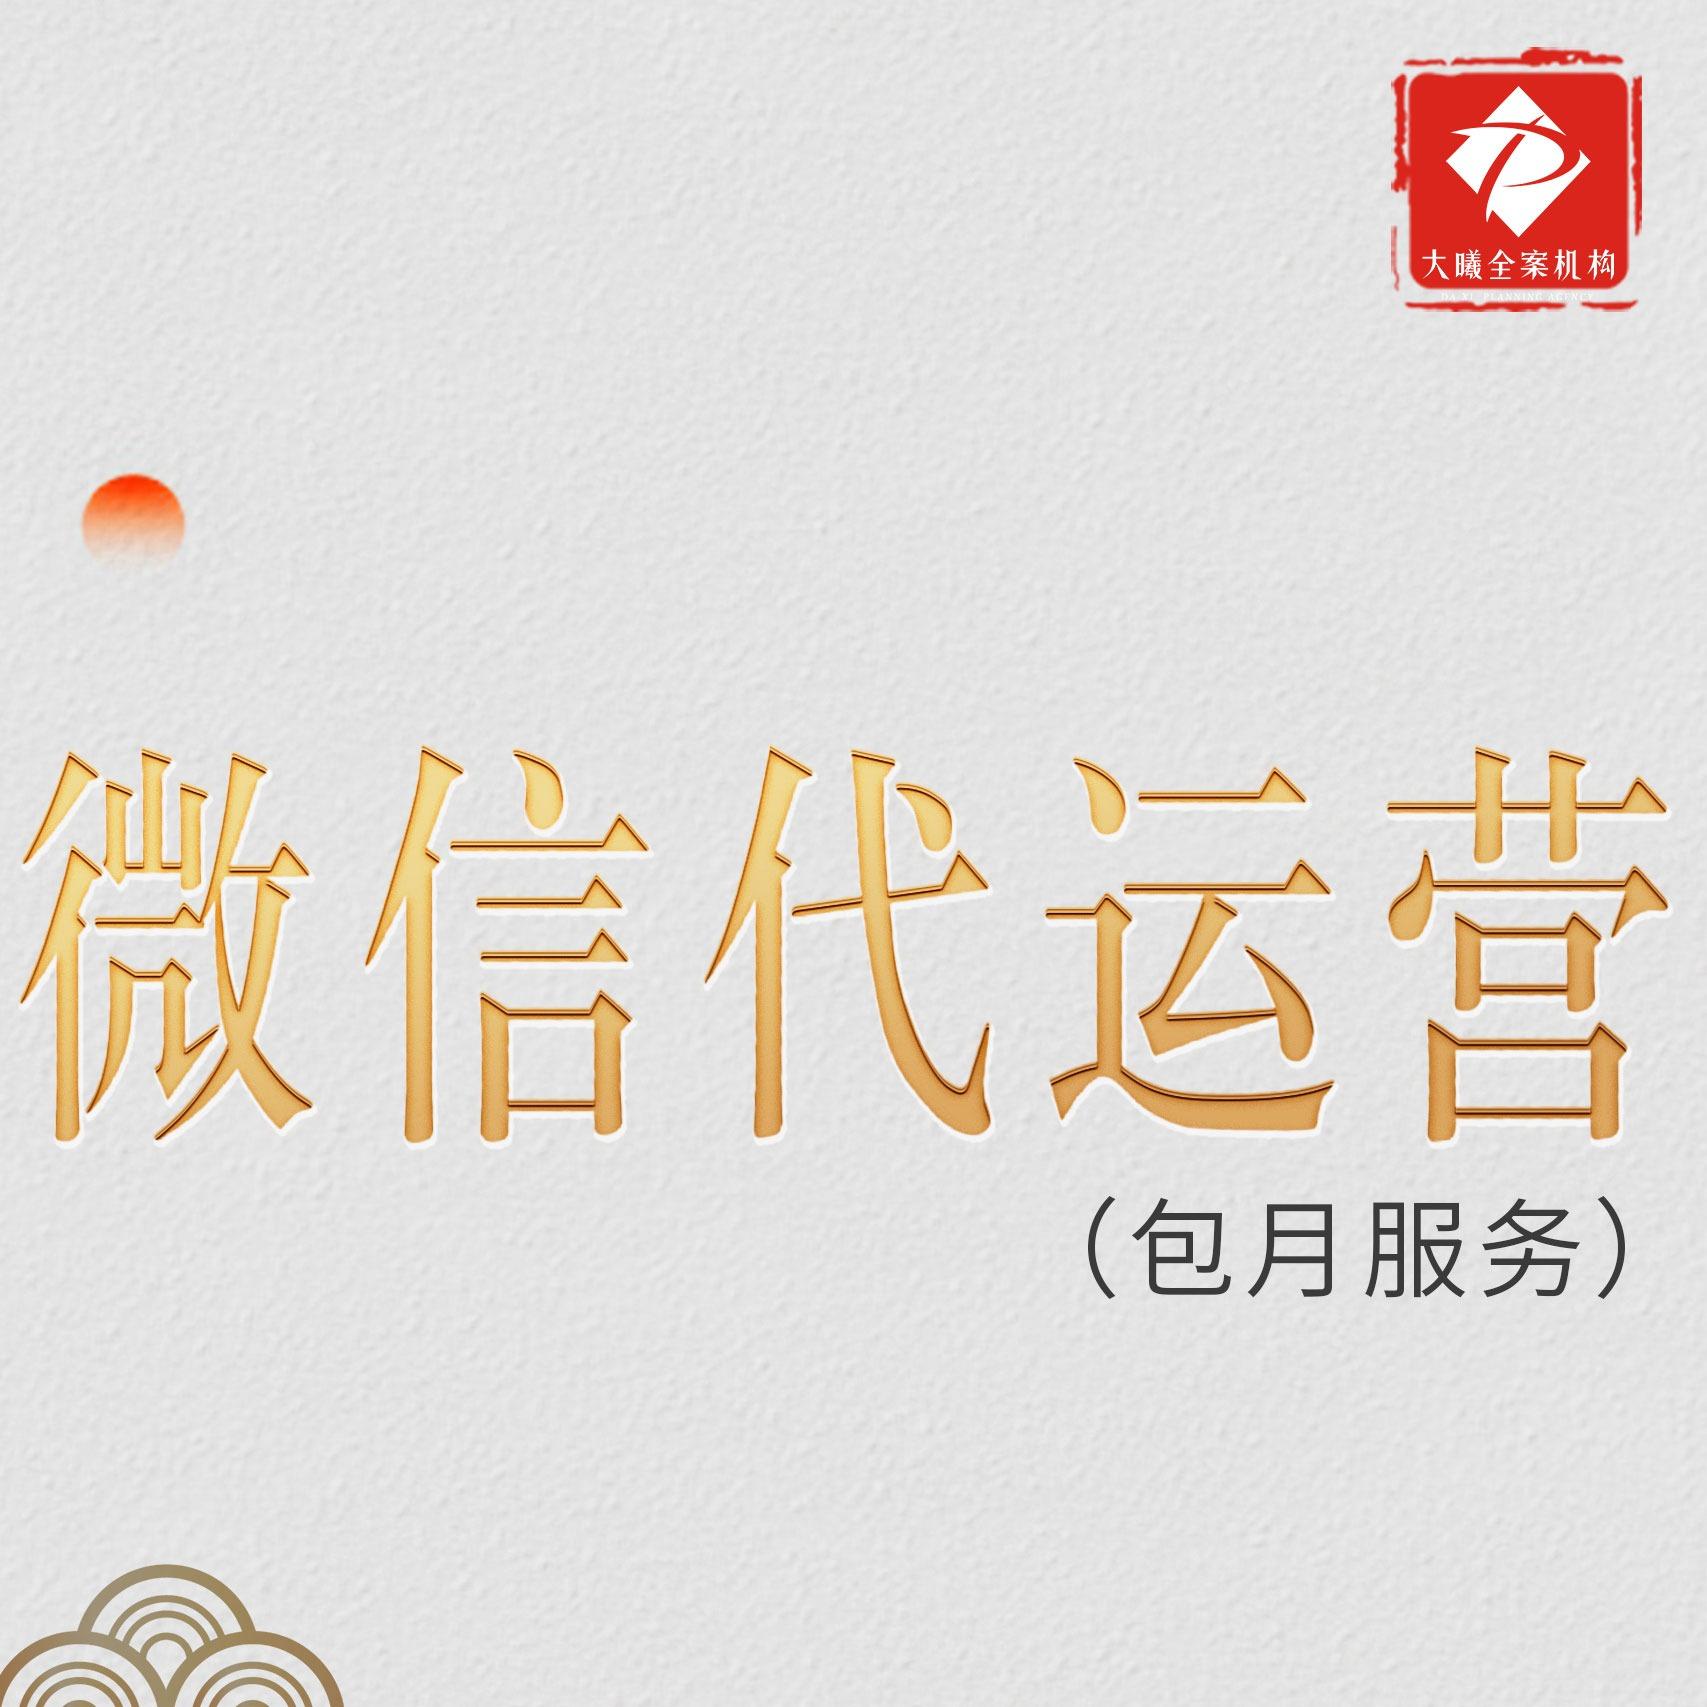 大曦全案机构公众号服务号订阅号宣传软文排版设计(包月服务)